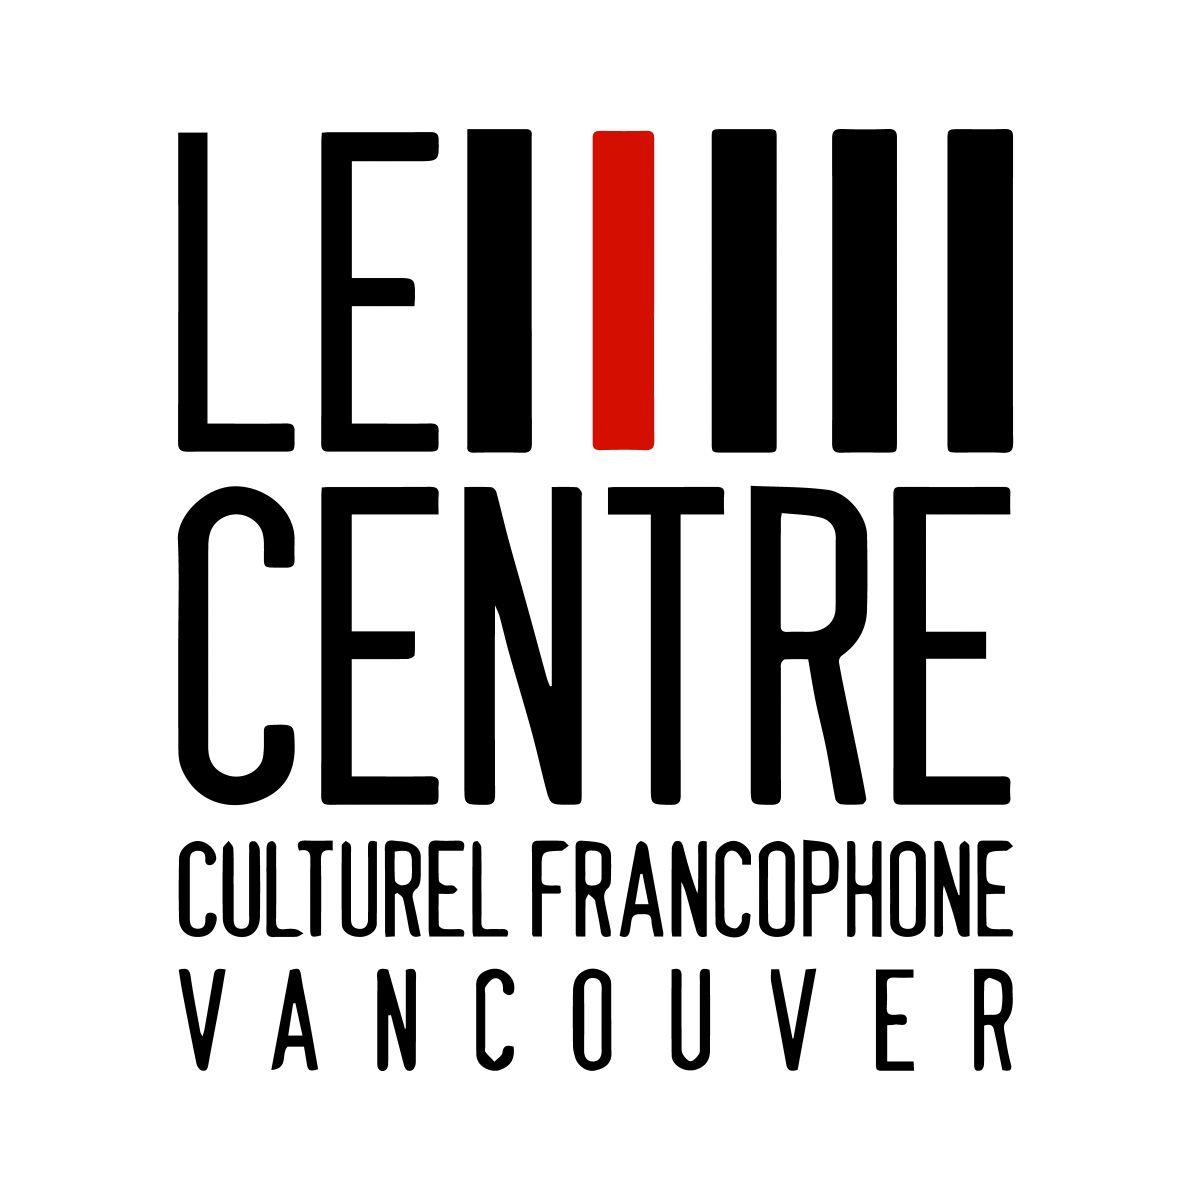 Centre cuturel francophone de Vancouver - Logo